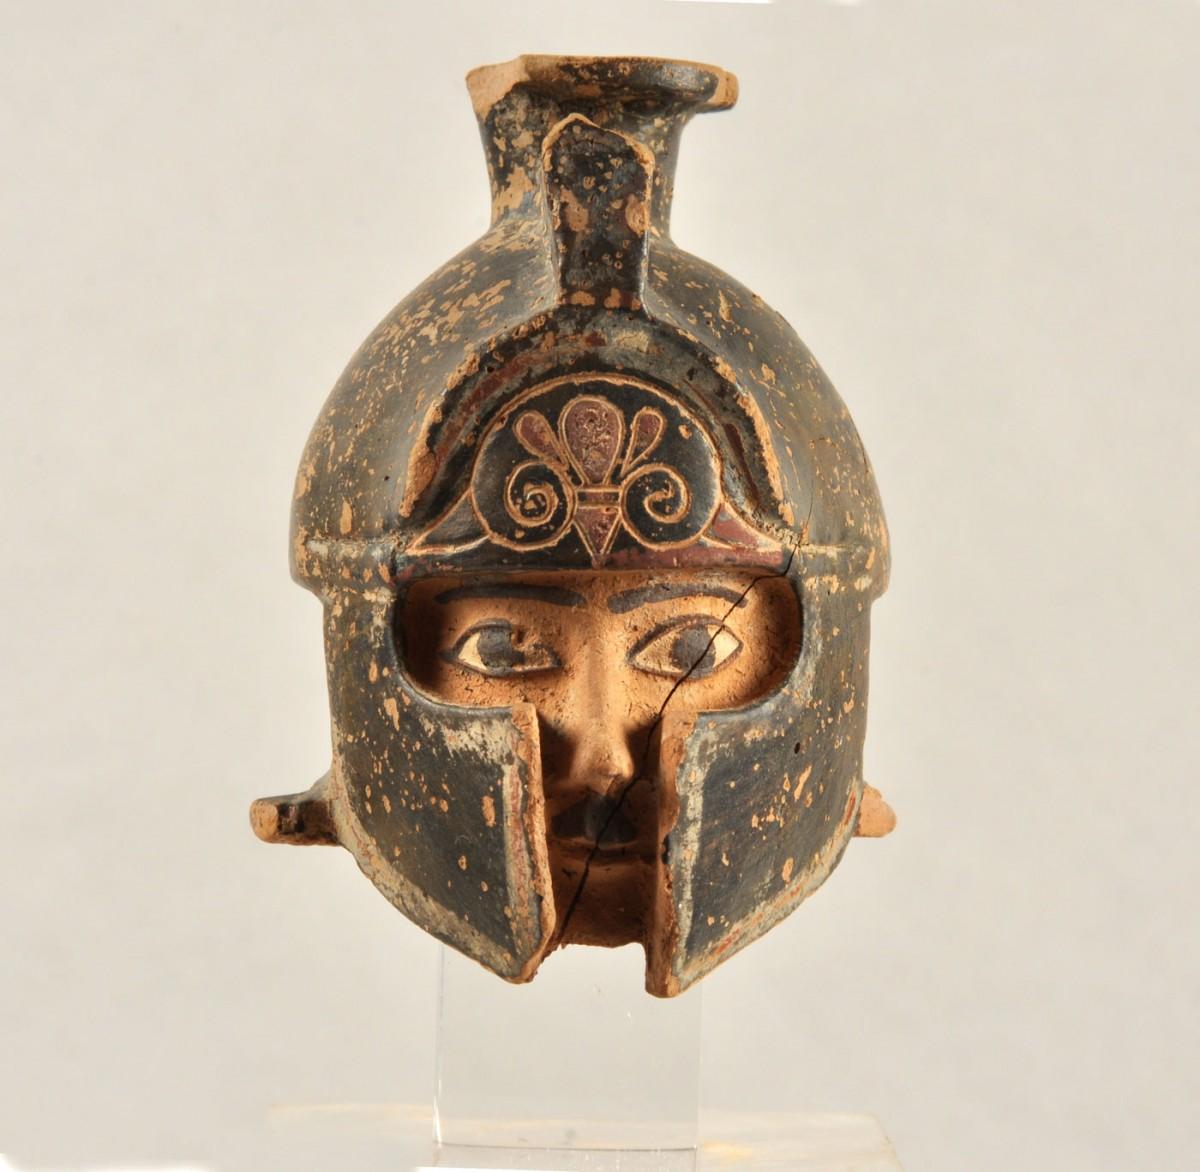 Εικ. 36. Αρύβαλλος σε σχήμα κεφαλής πολεμιστή με κράνος. 600 π.Χ. Εμποριό (Ιερό του Λιμανιού).